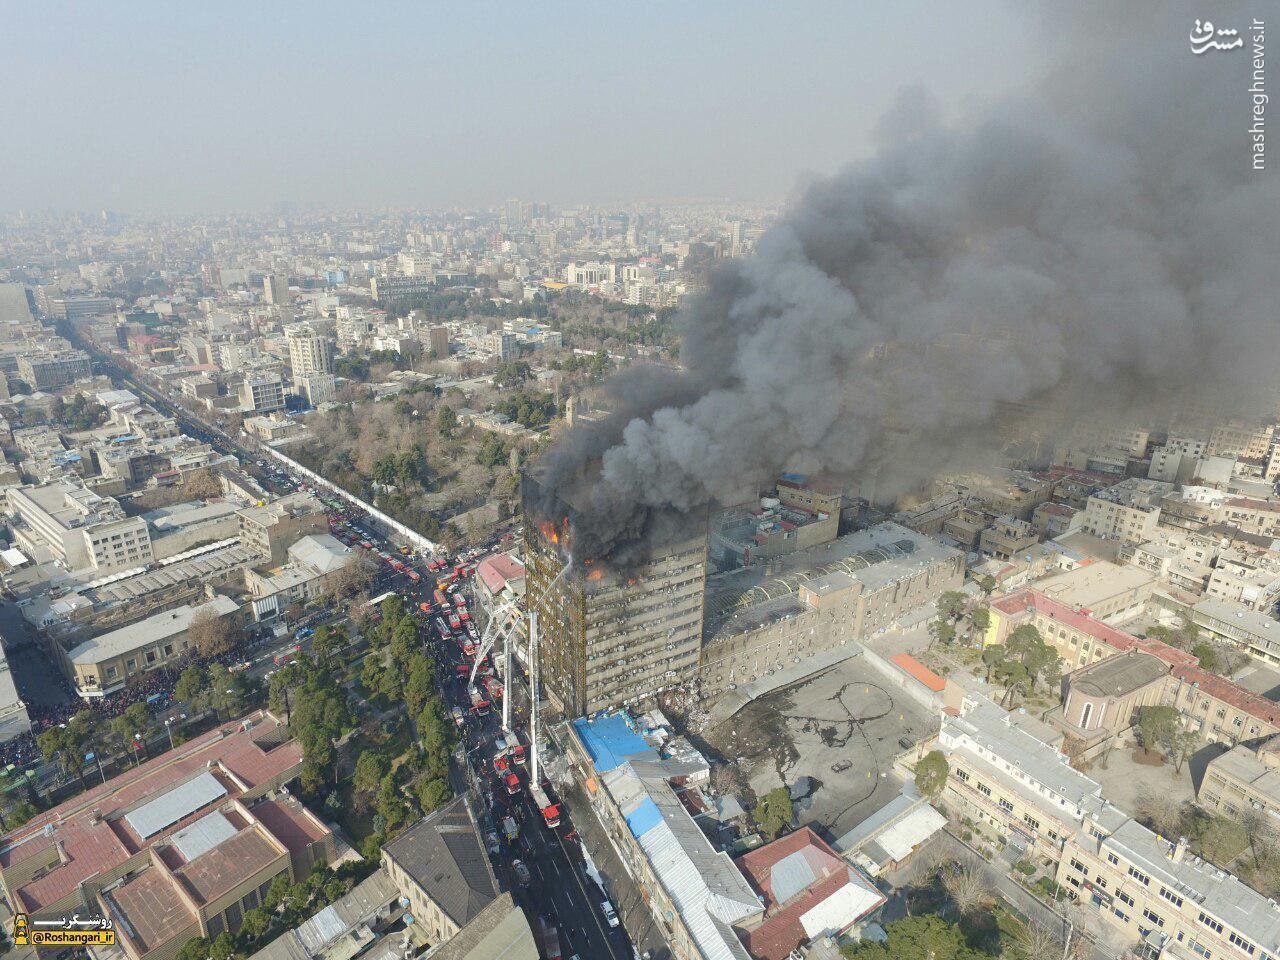 پلاسکو در میان دود و آتش